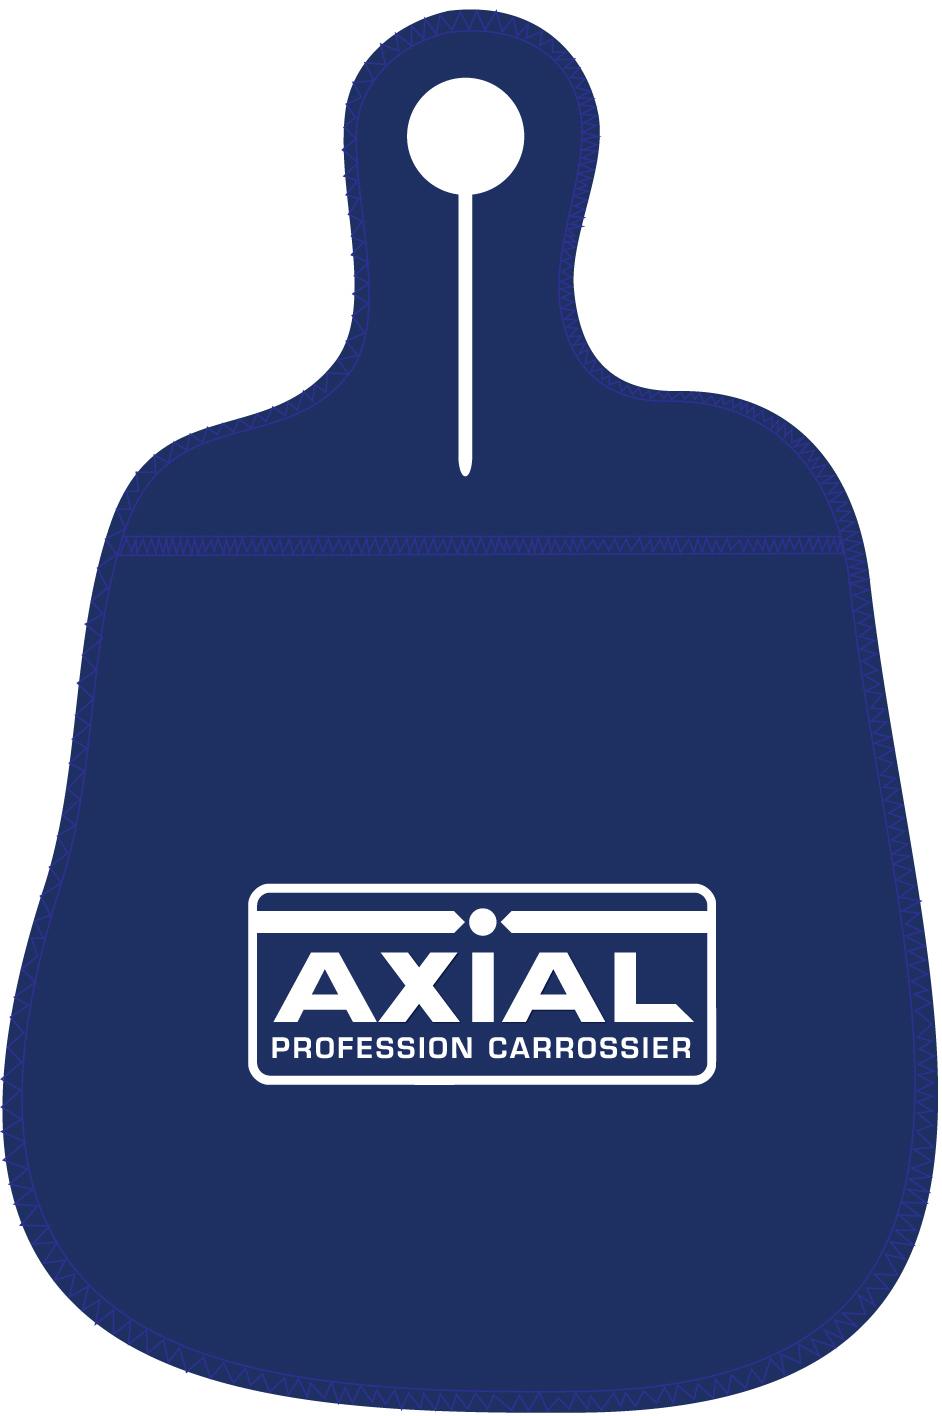 Bagoto Axial - Carrosserie Alexandre